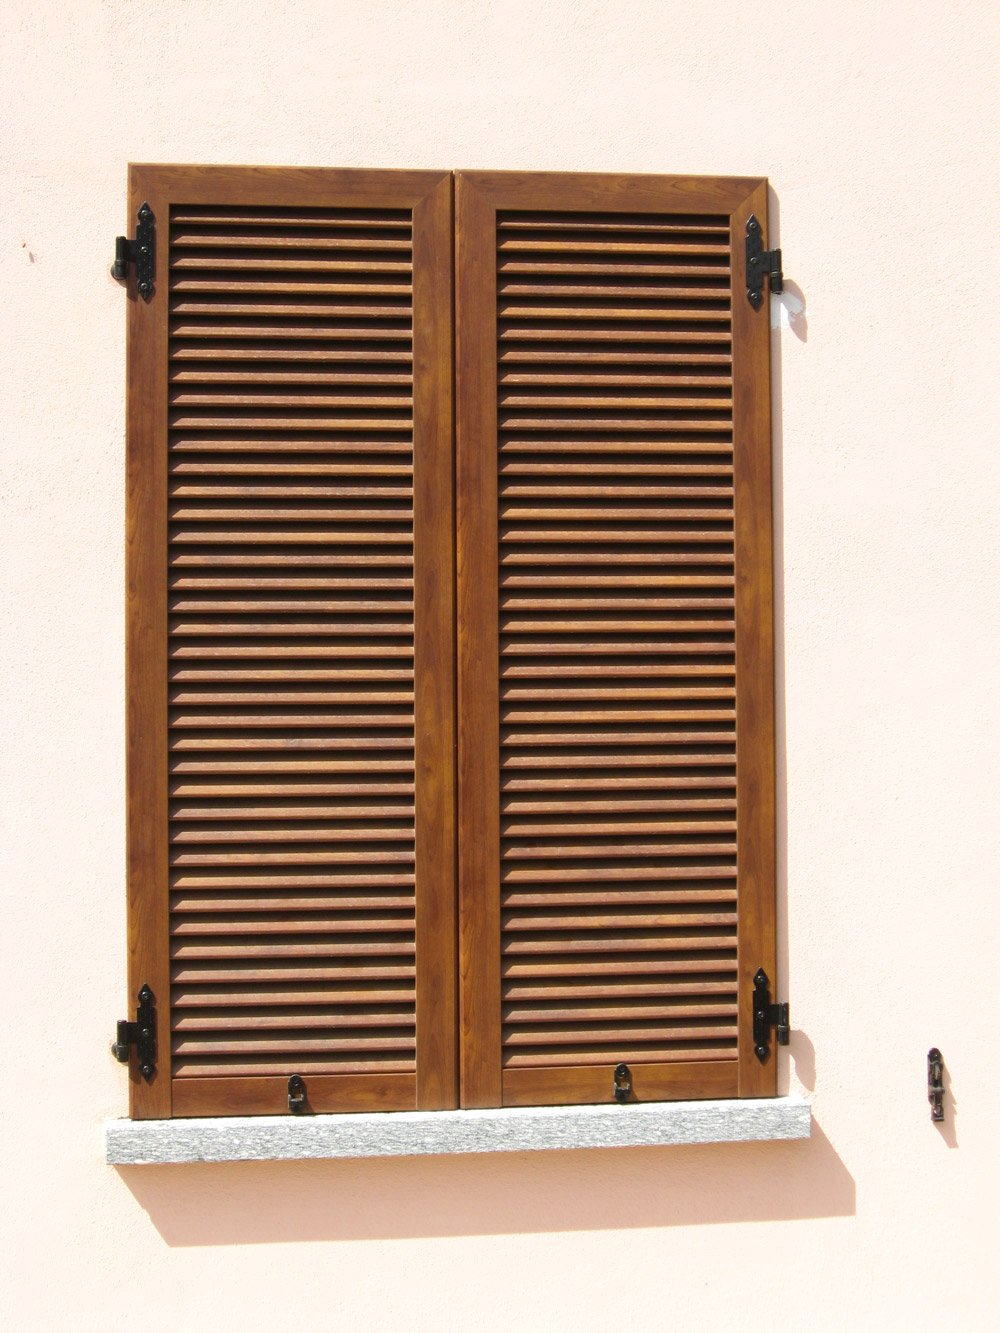 finestra con persiane in legno chiuse